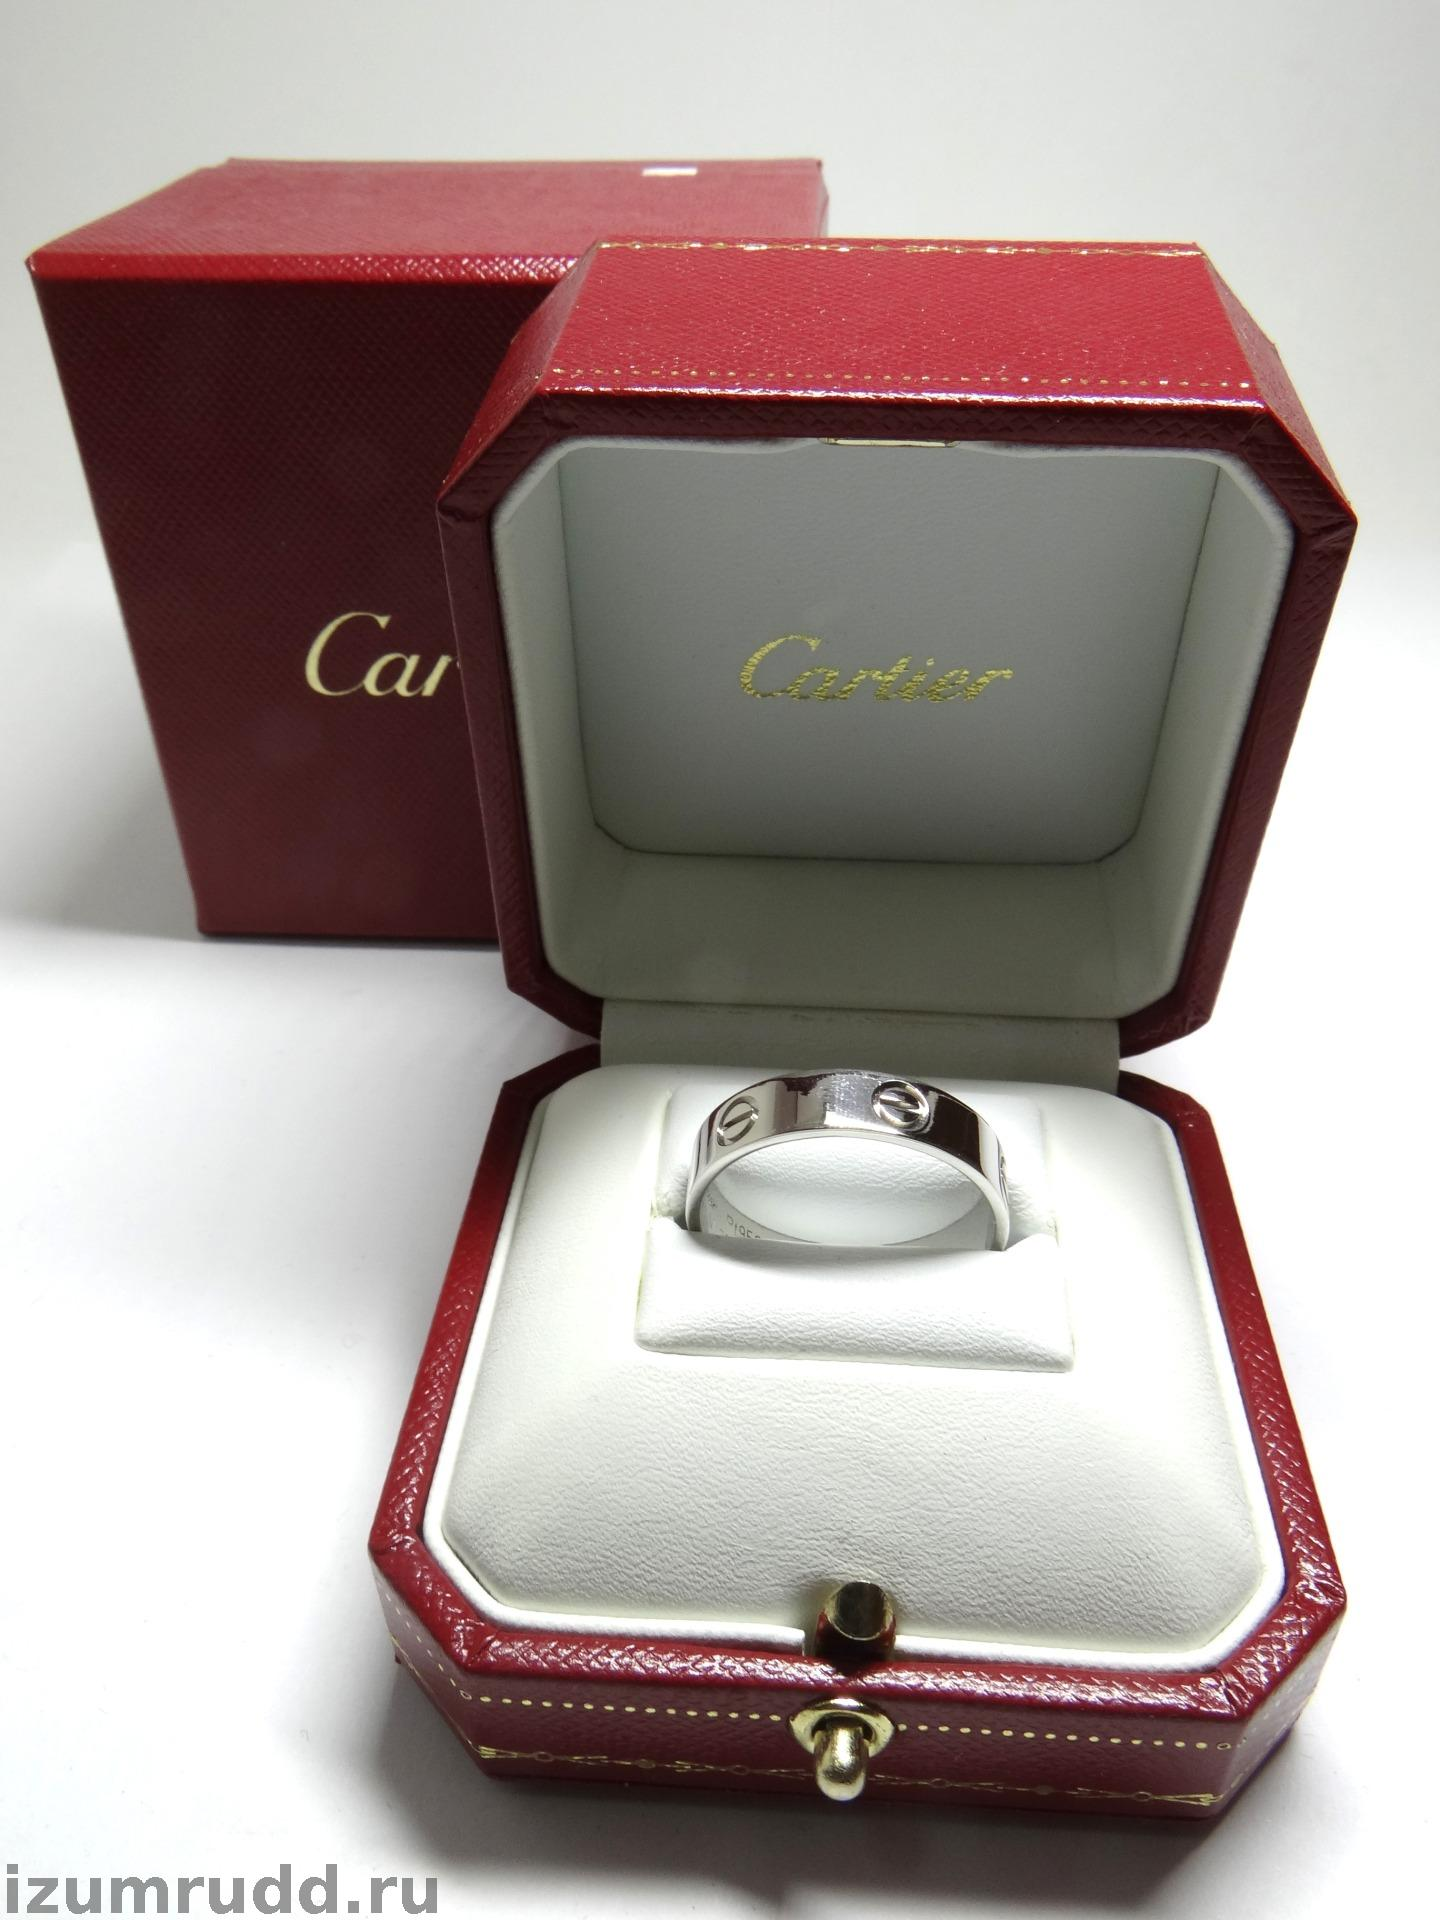 ddef28cf393c Обручальное кольцо Cartier Love, платина, оригинал